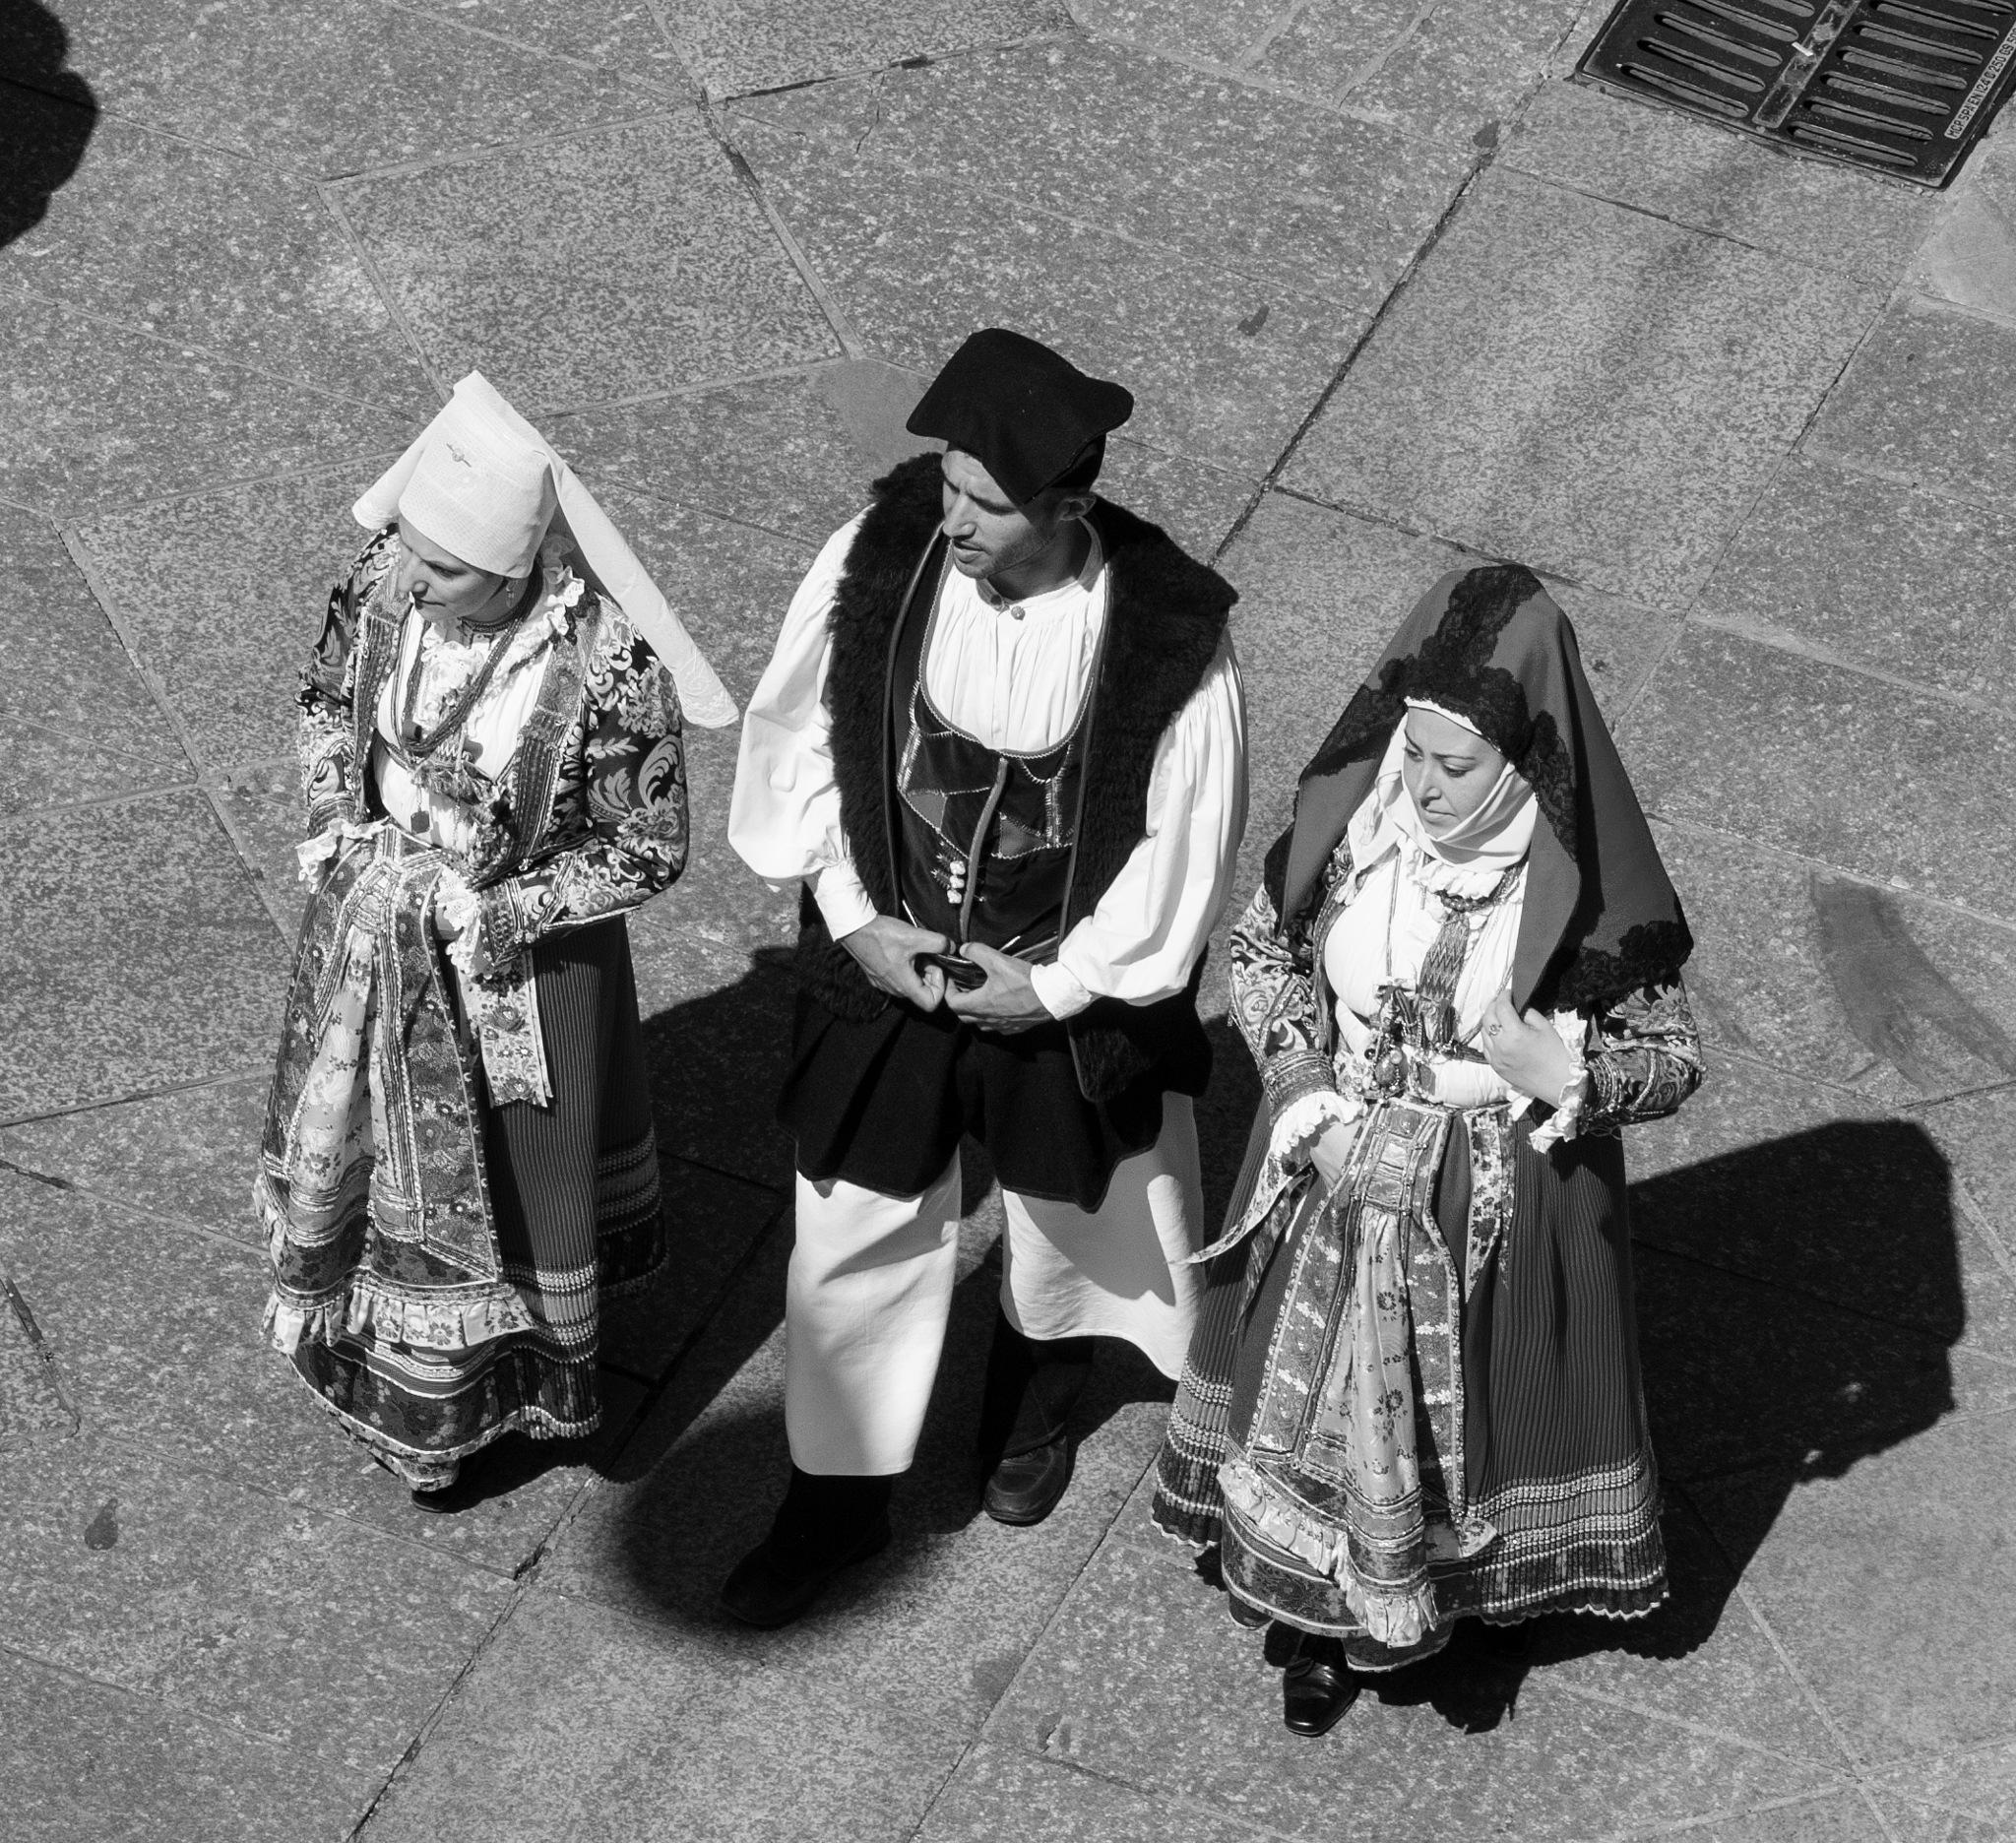 361 Festa di Sant'Efisio (Cagliari) by corvonero